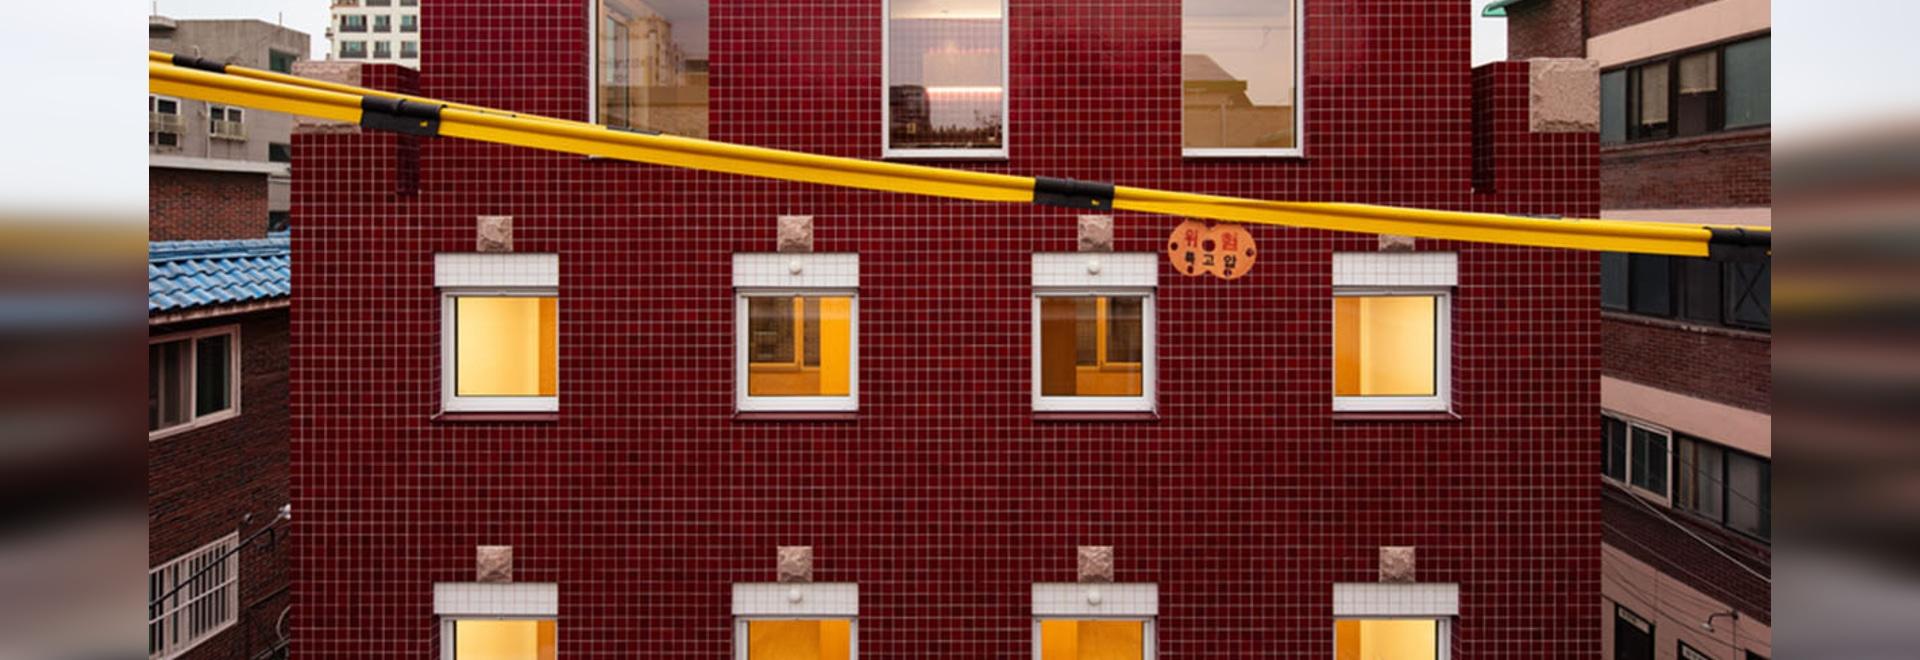 Aoa Architects utiliza baldosas de mármol rojo para revestir este apartamento en un barrio de Corea del Sur